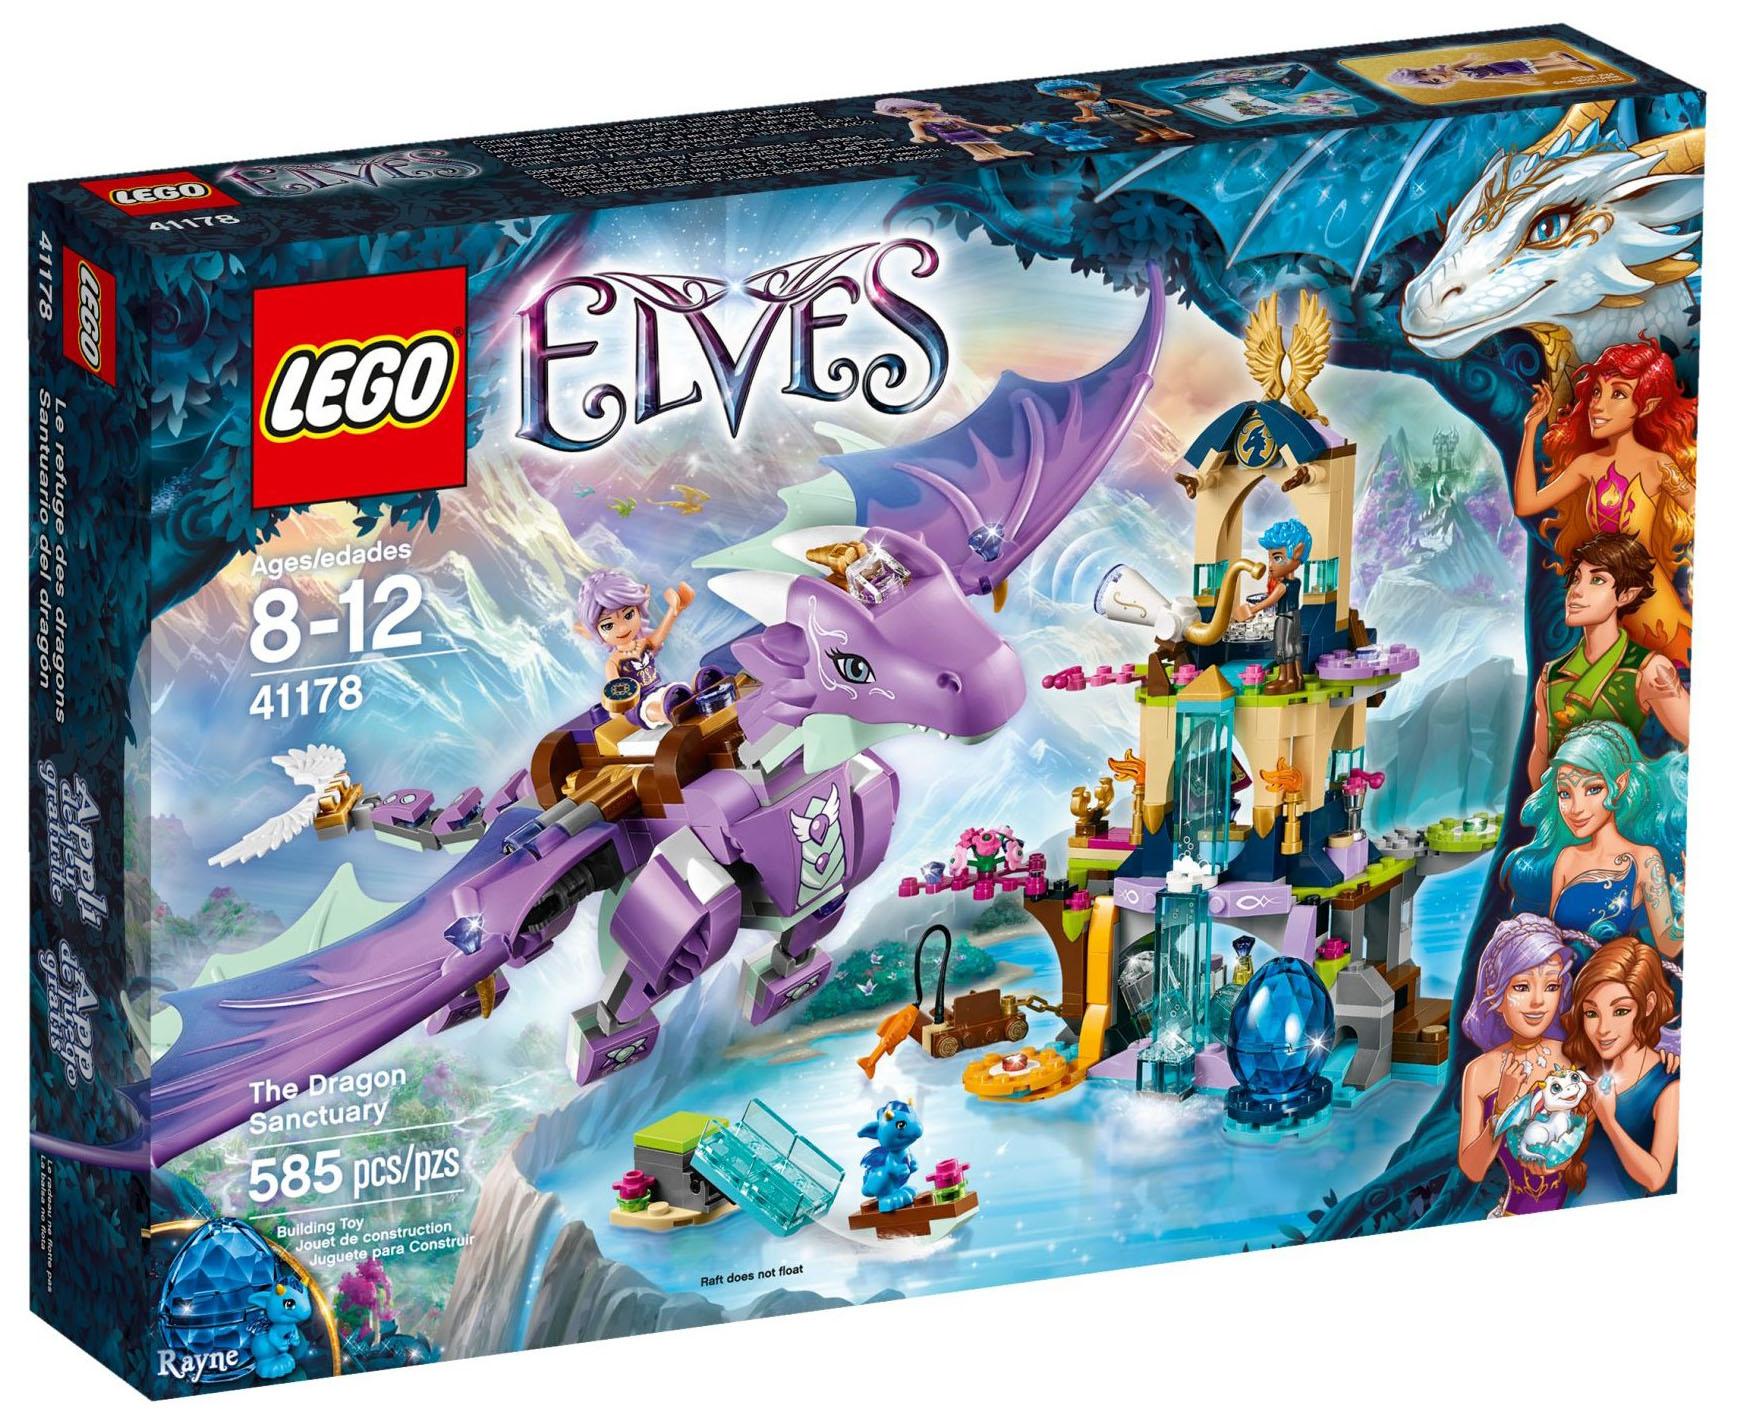 LEGO Elves 41178 pas cher - Le sanctuaire du dragon